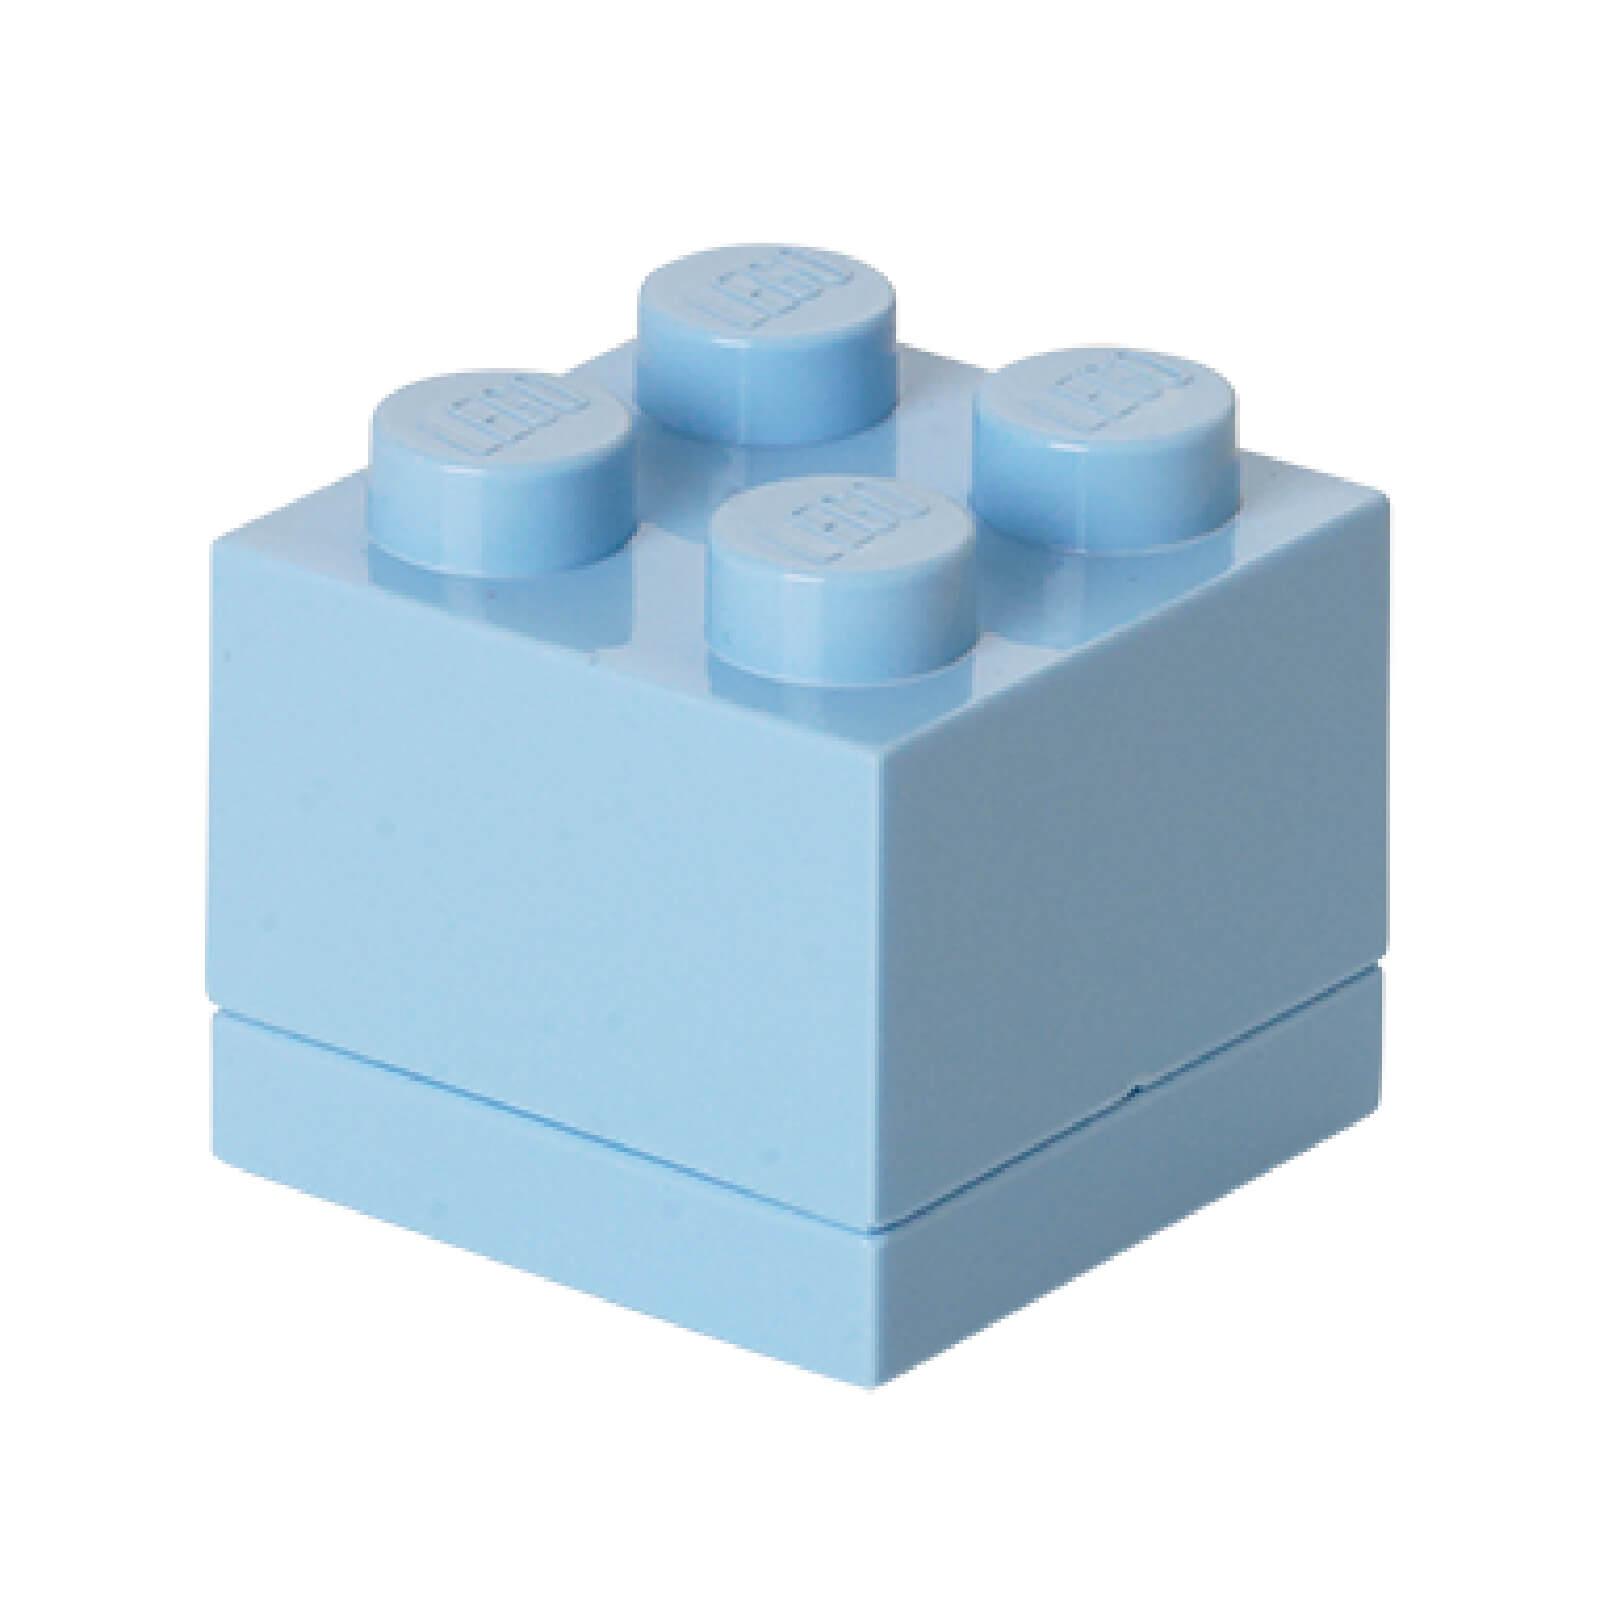 Lego Mini Box 4 - Light Royal Blue